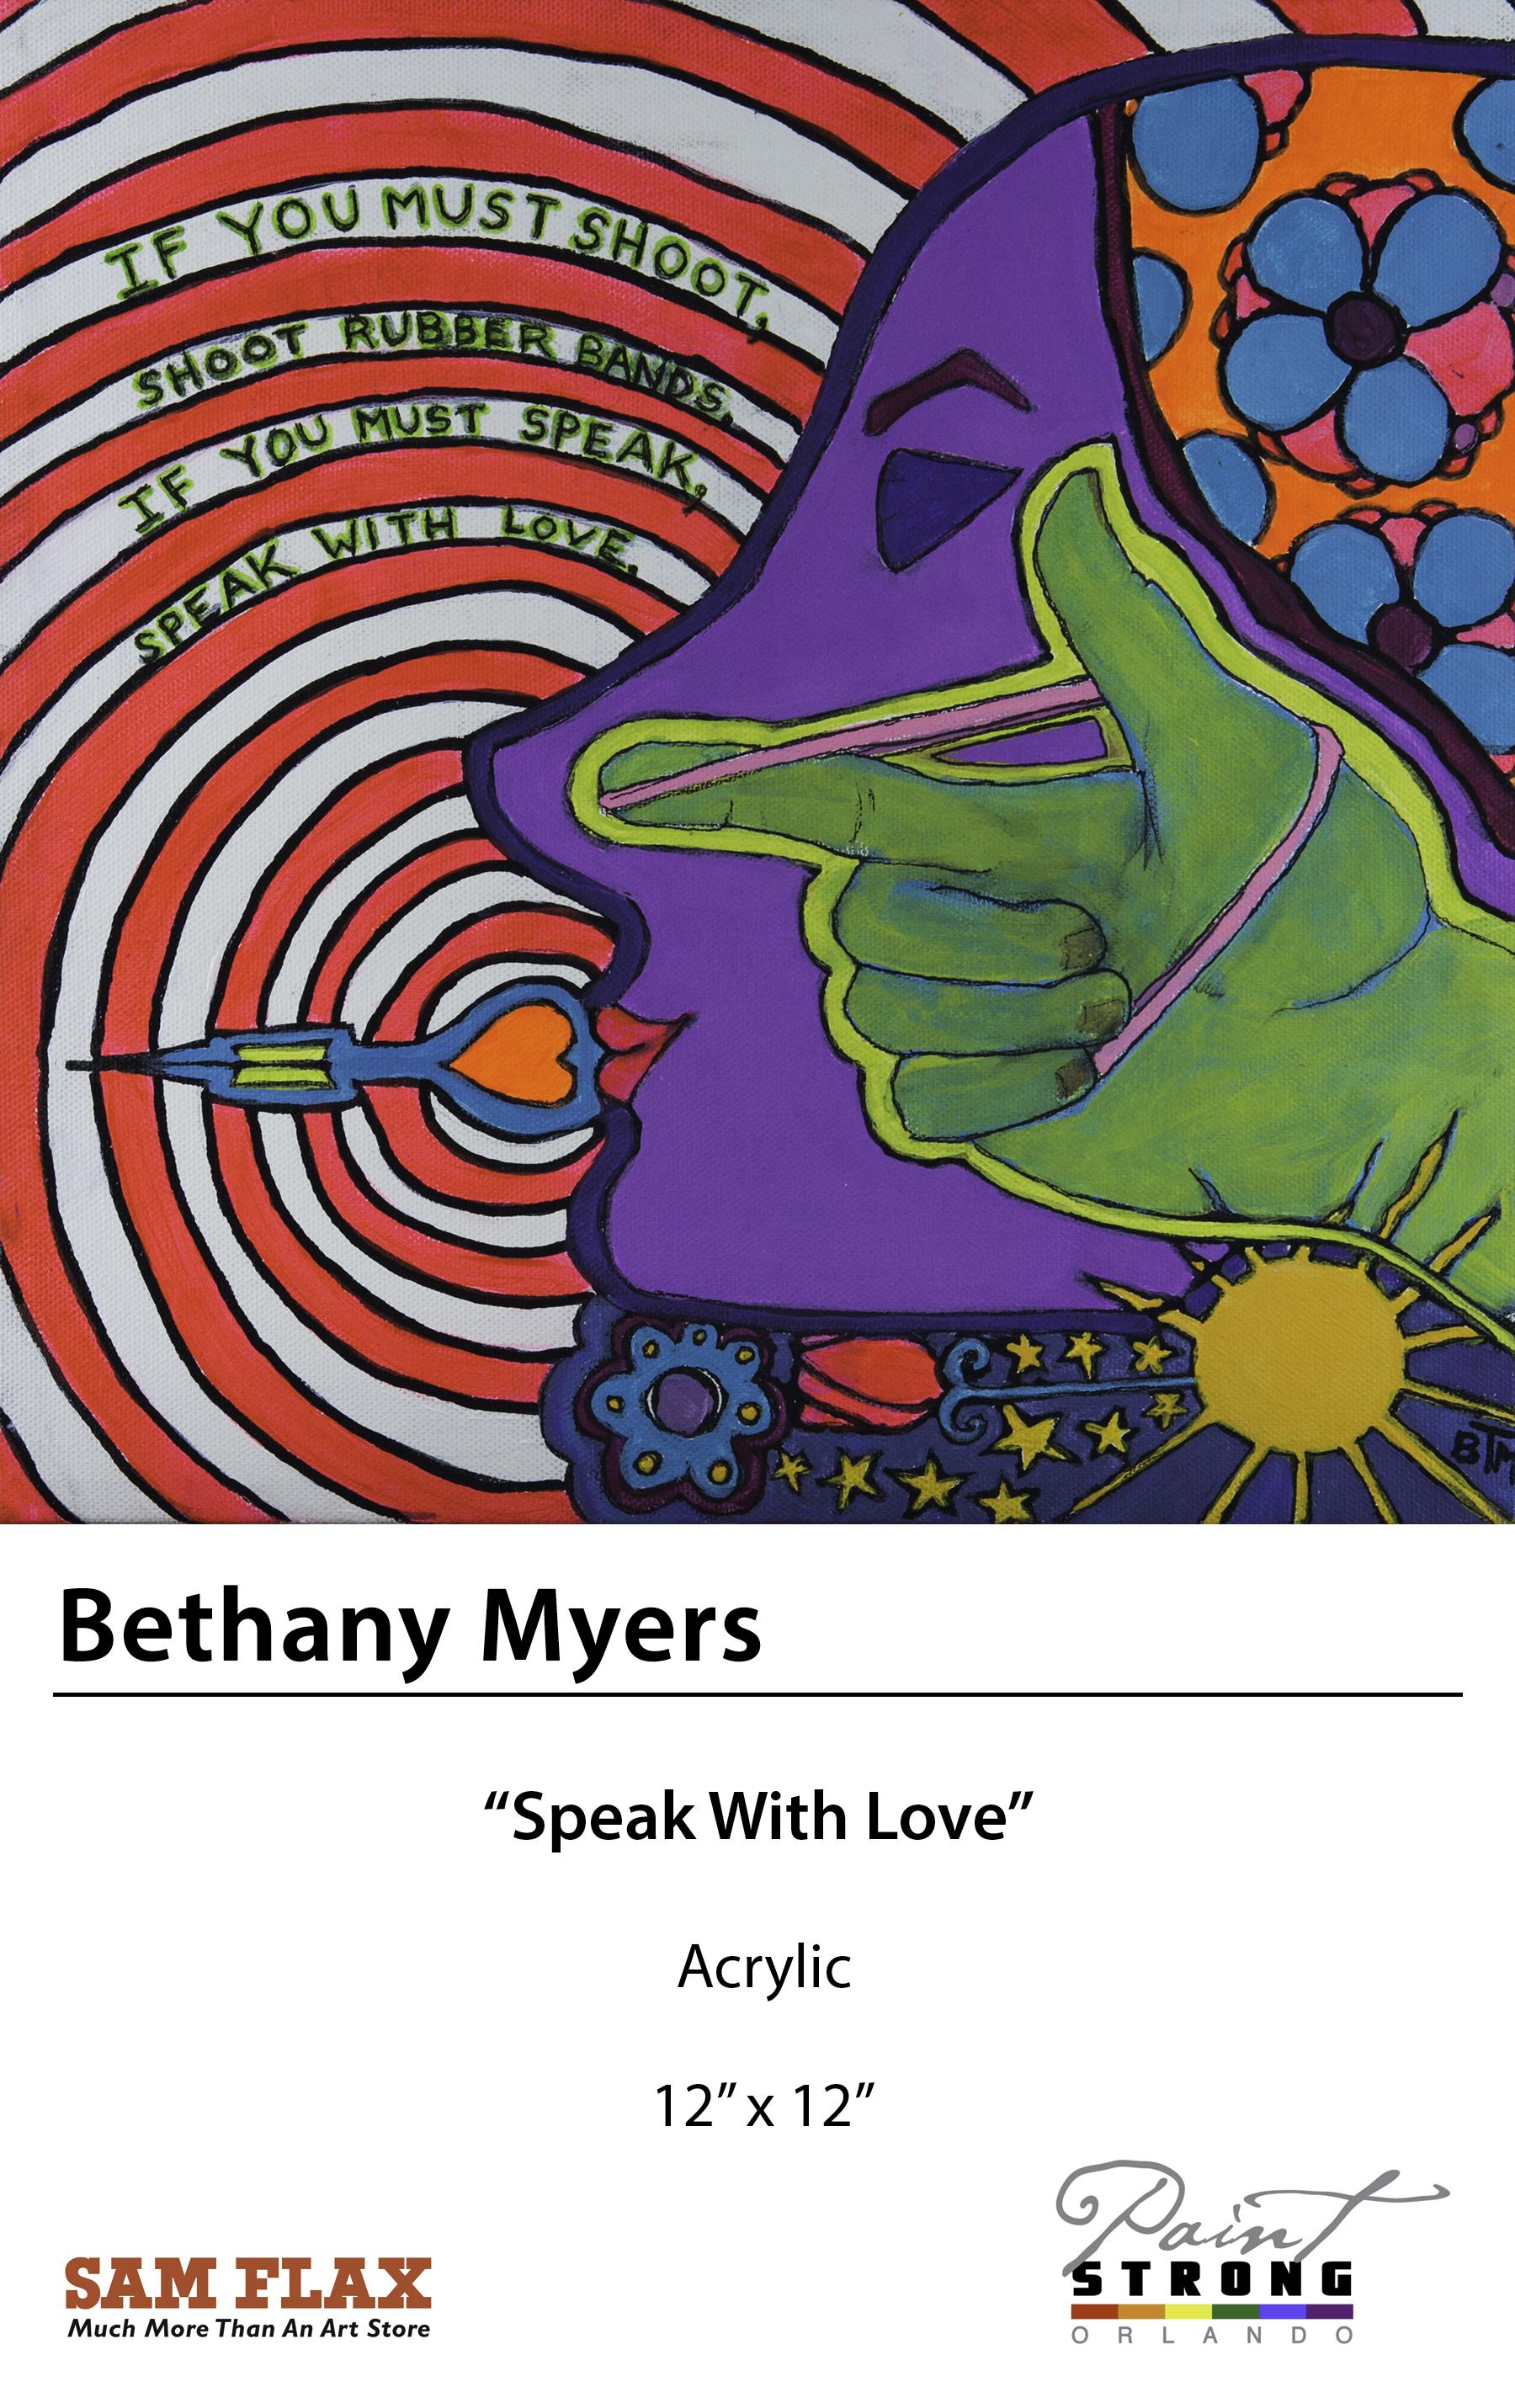 Bethany Myers